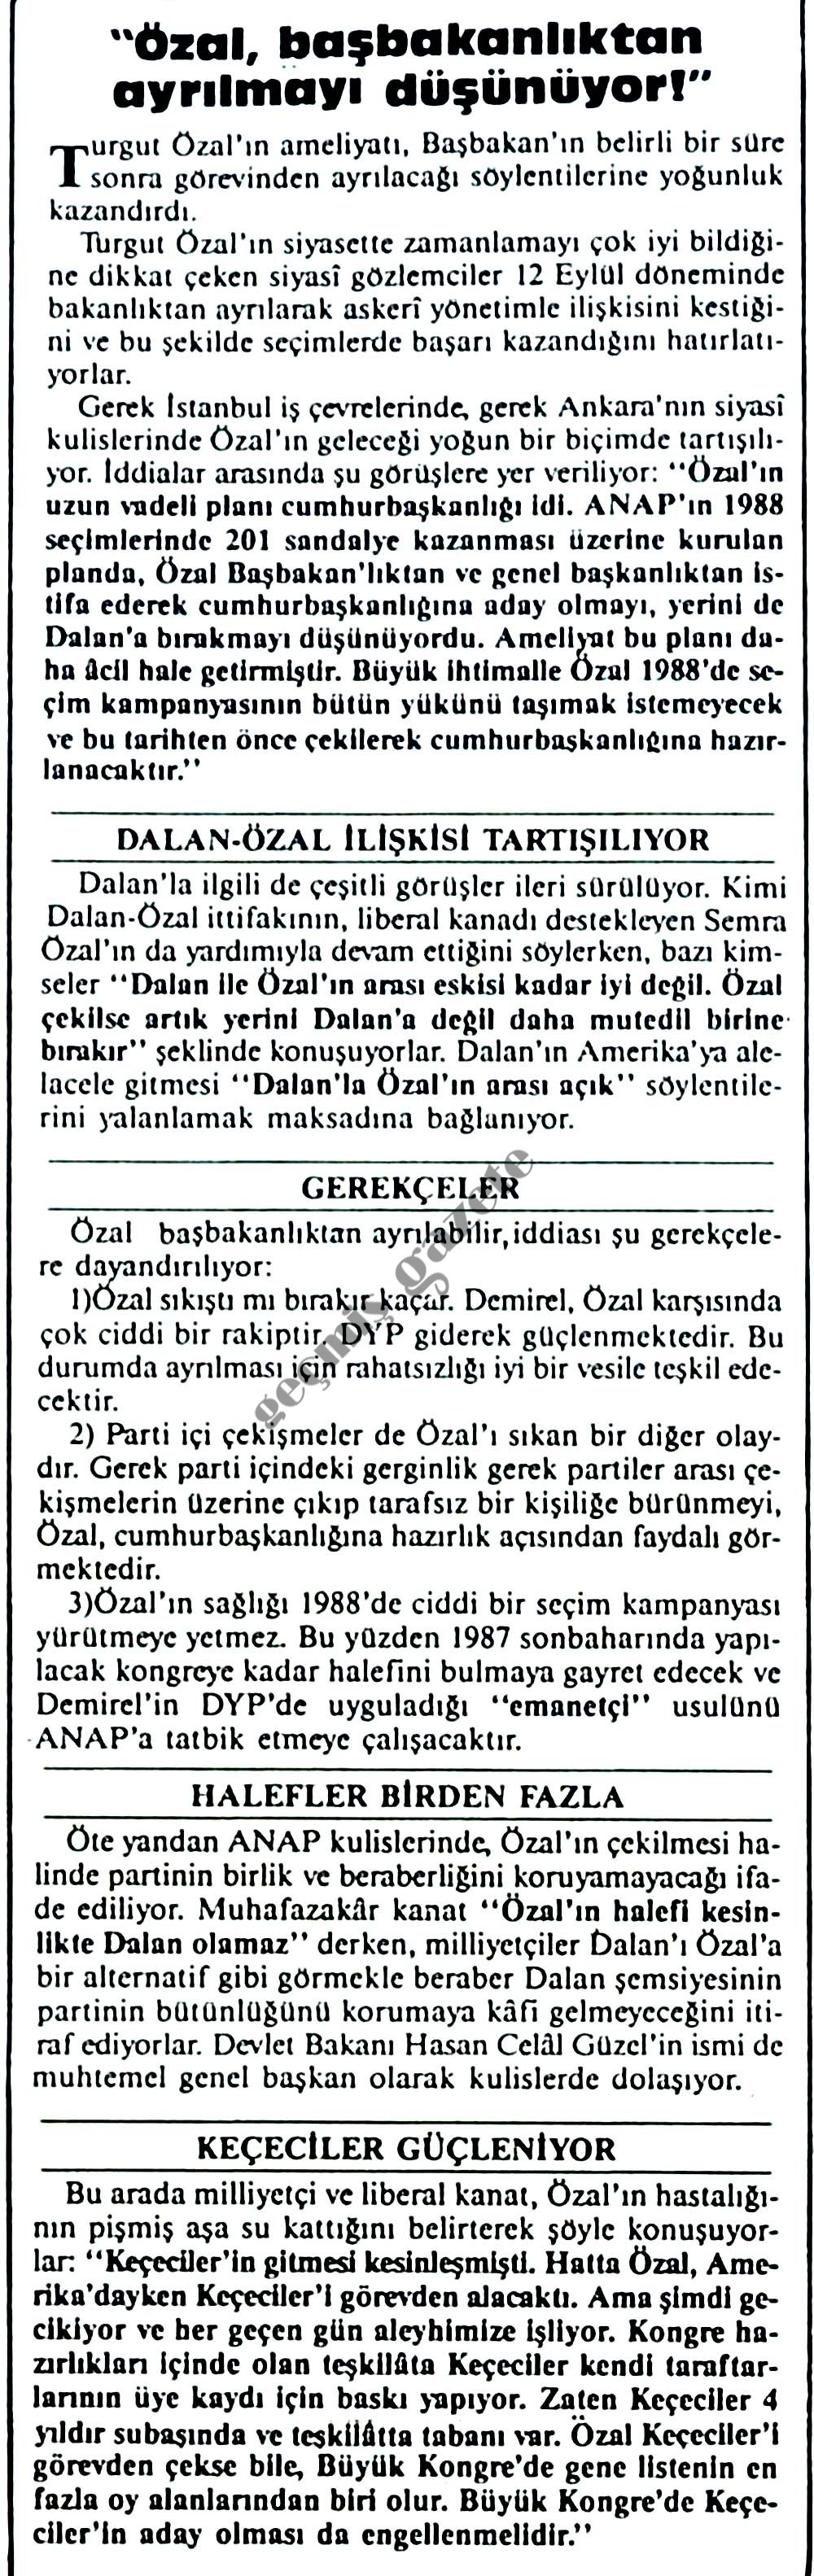 Özal, başbakanlıktan ayrılmayı düşünüyor